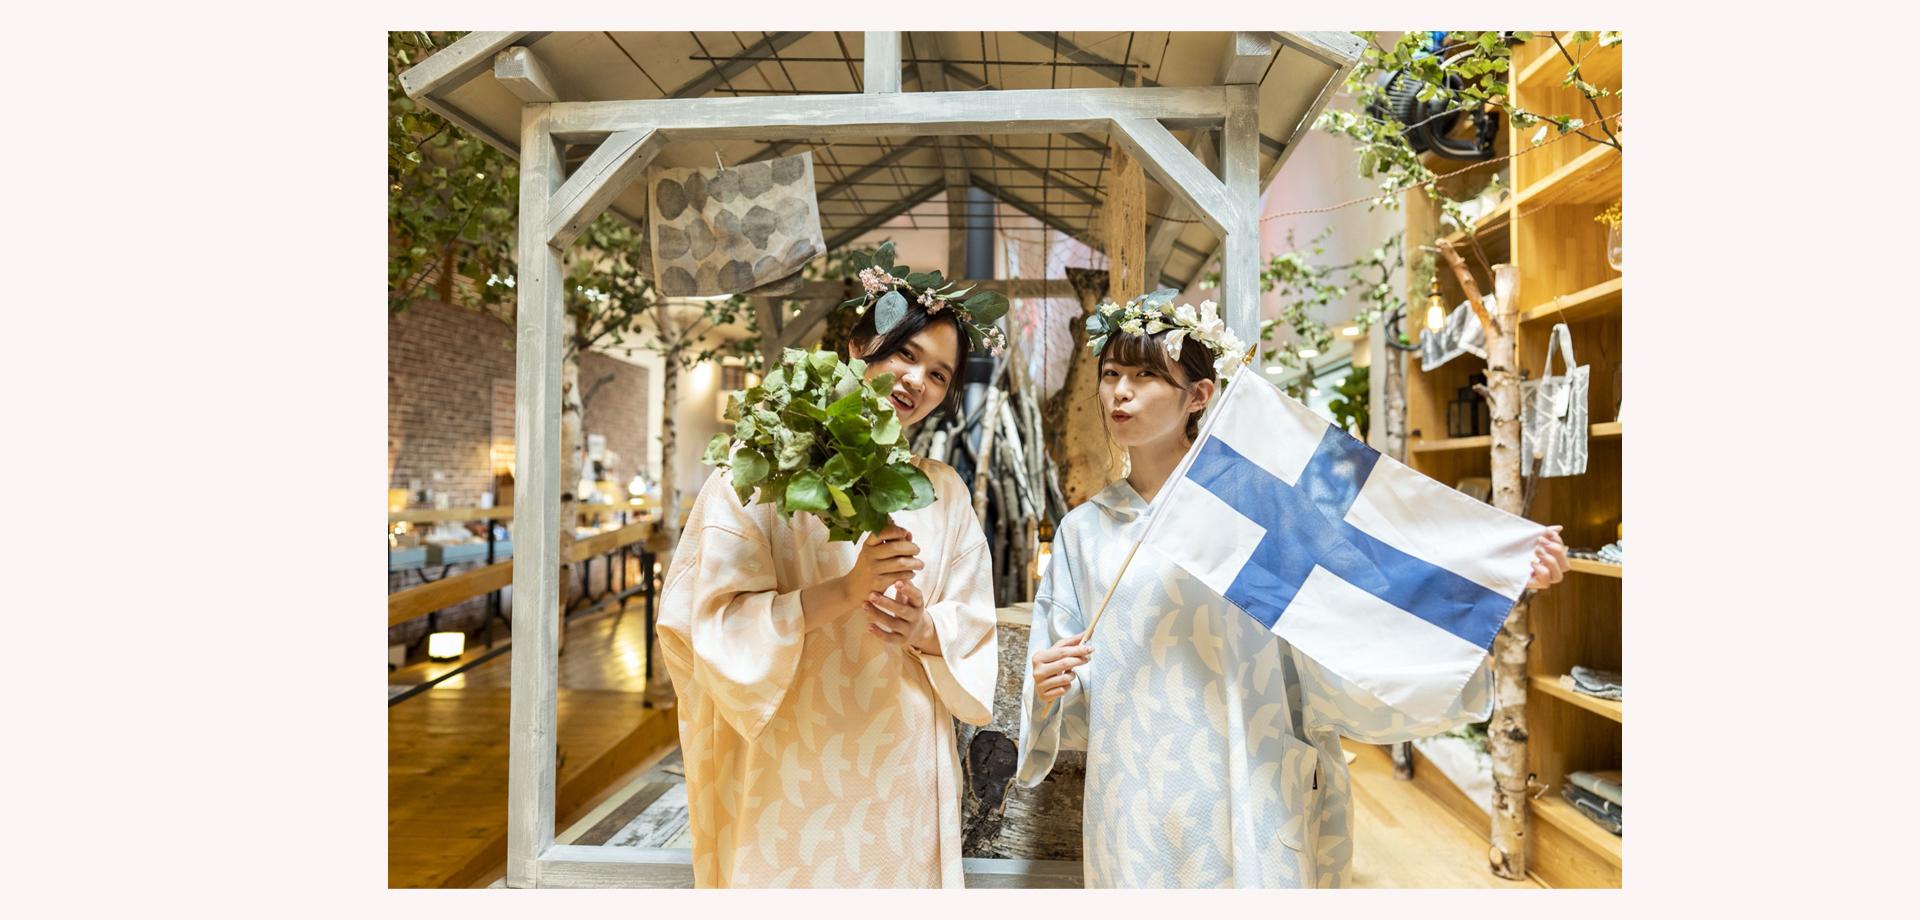 おふろcafe utatane「Fly me to Finland」